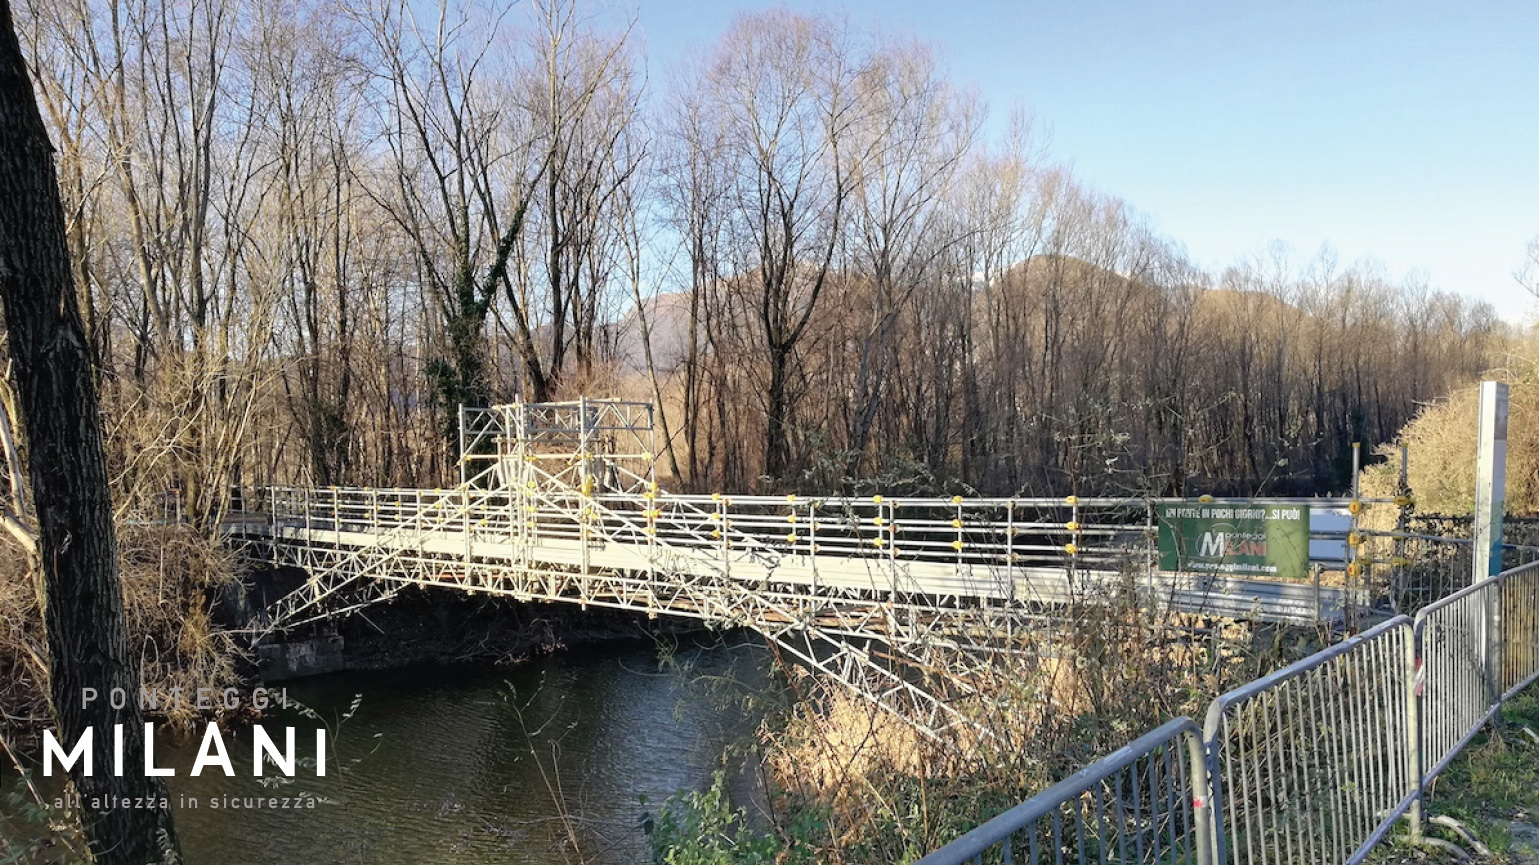 Ponteggi-Milani-ponti-passerelle-pedonali-Verbania-003